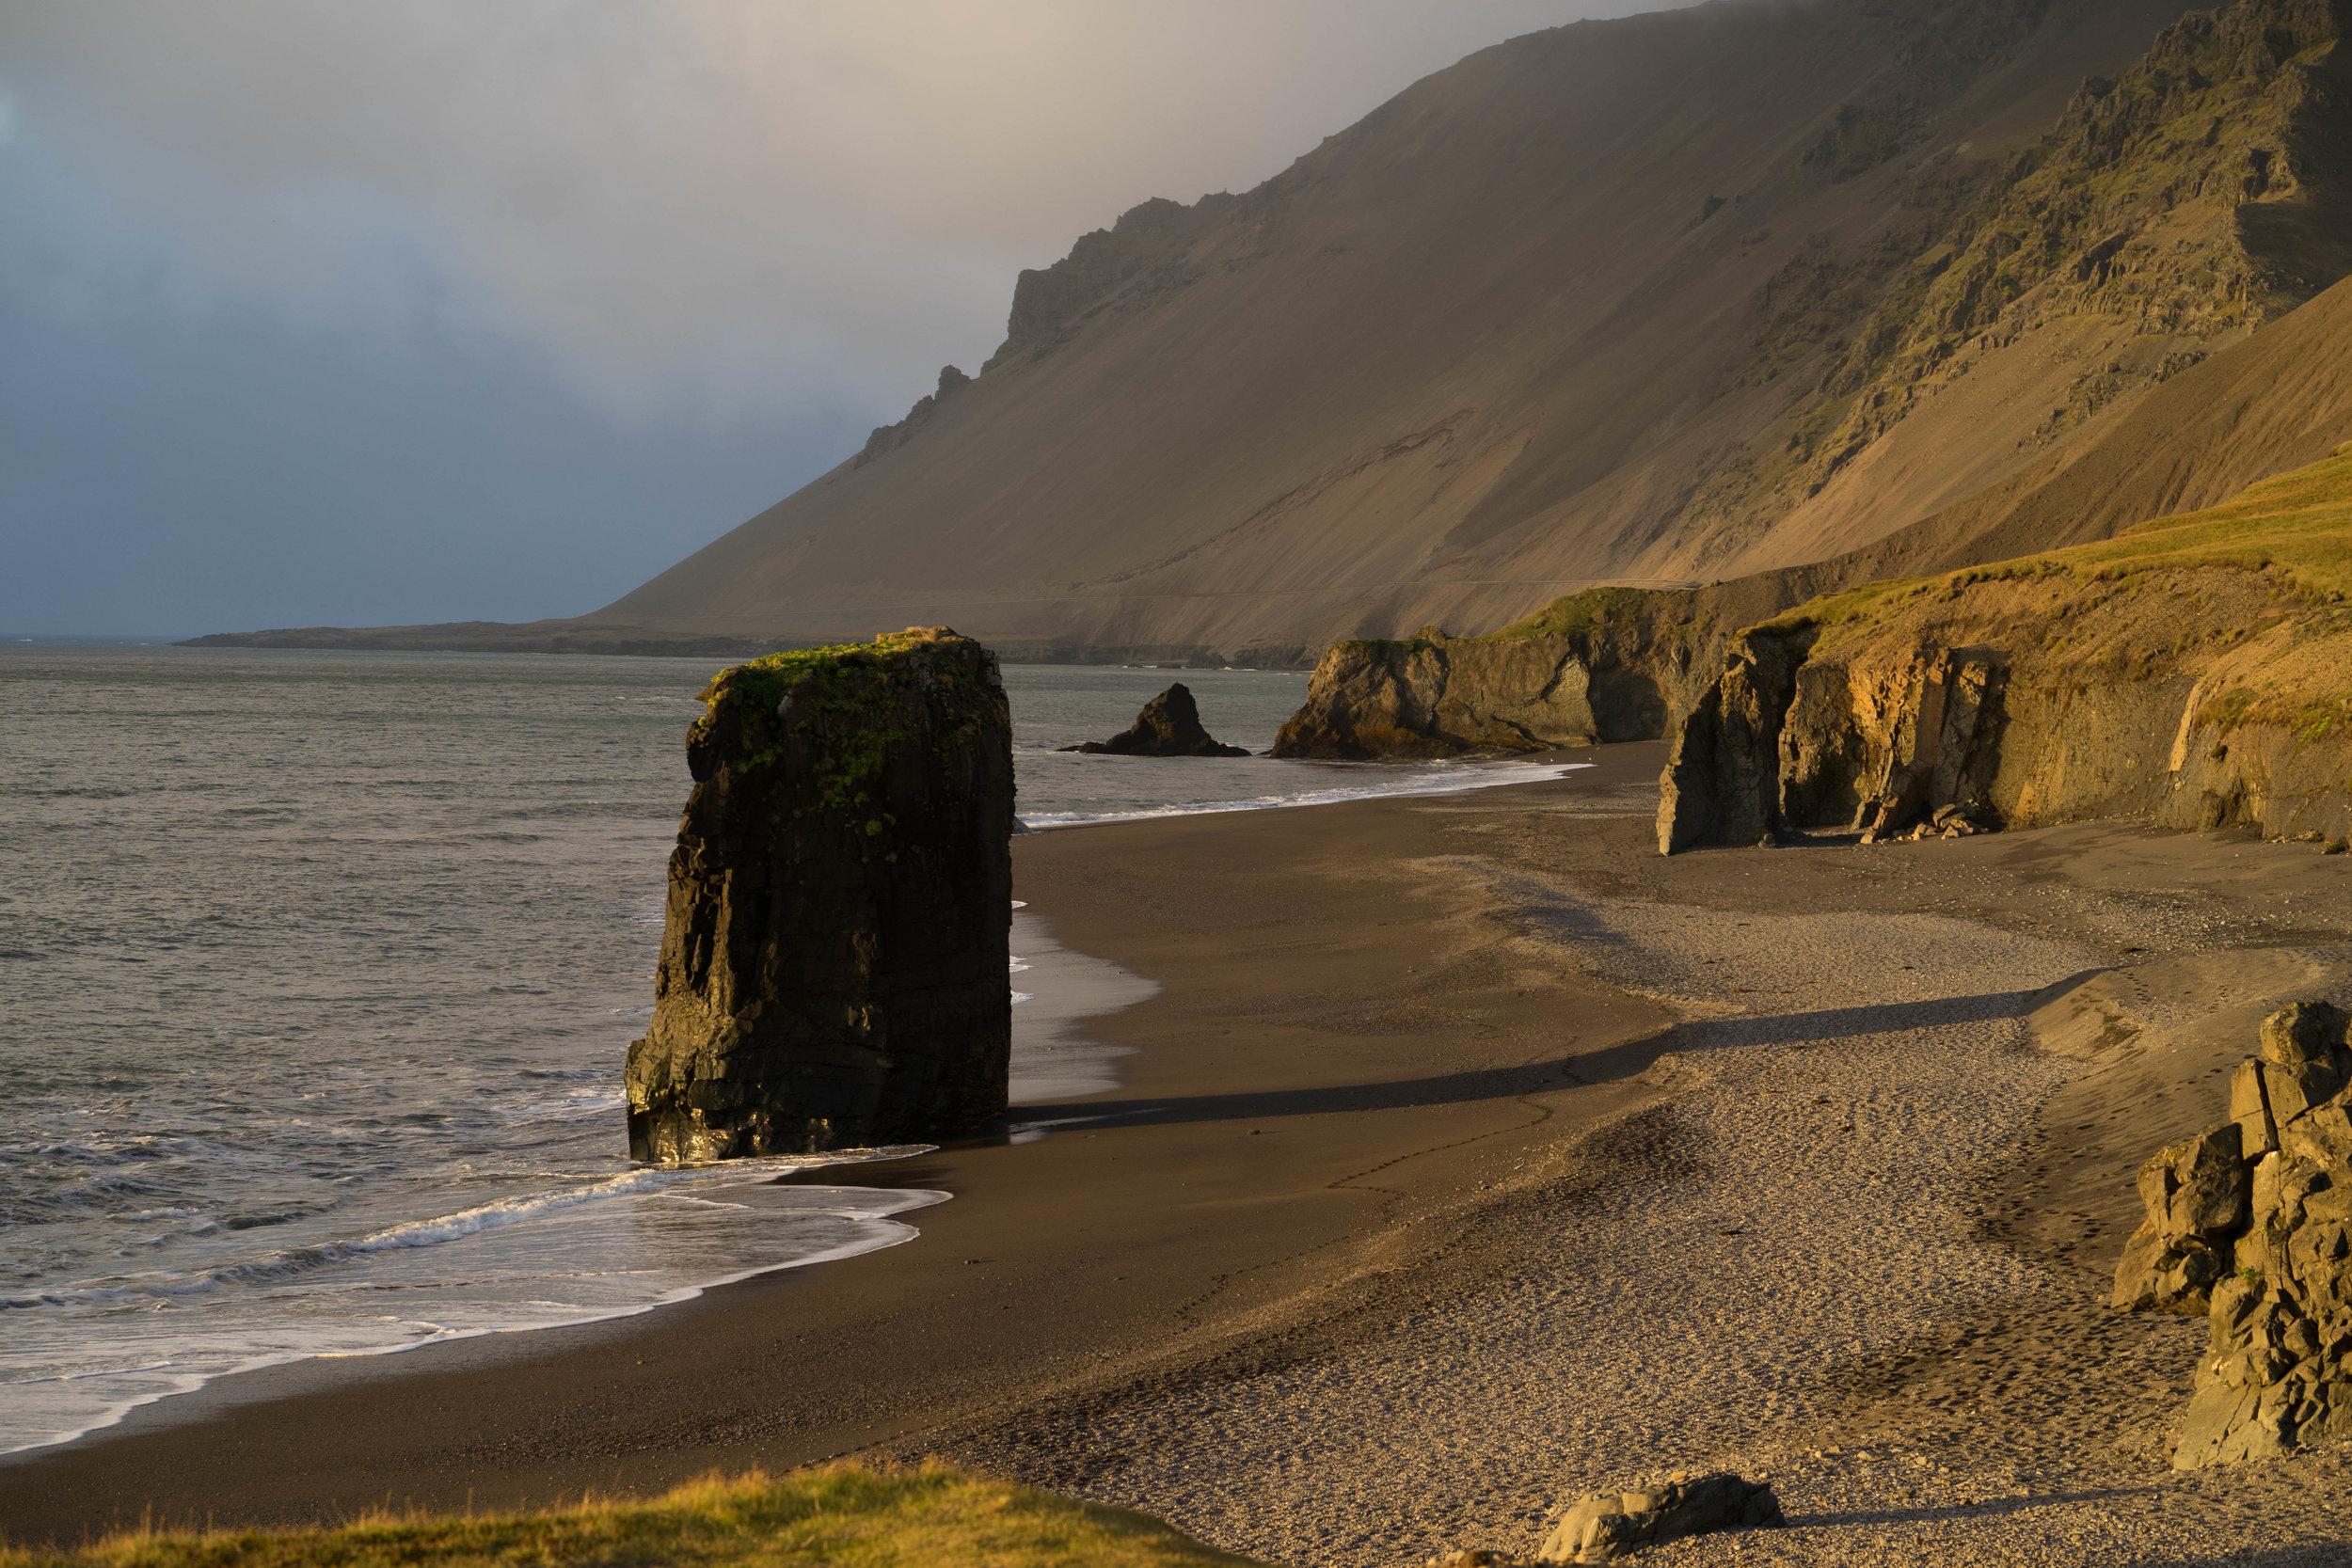 Iceland - 00703-2 - Chris Goetchius 2017.jpg